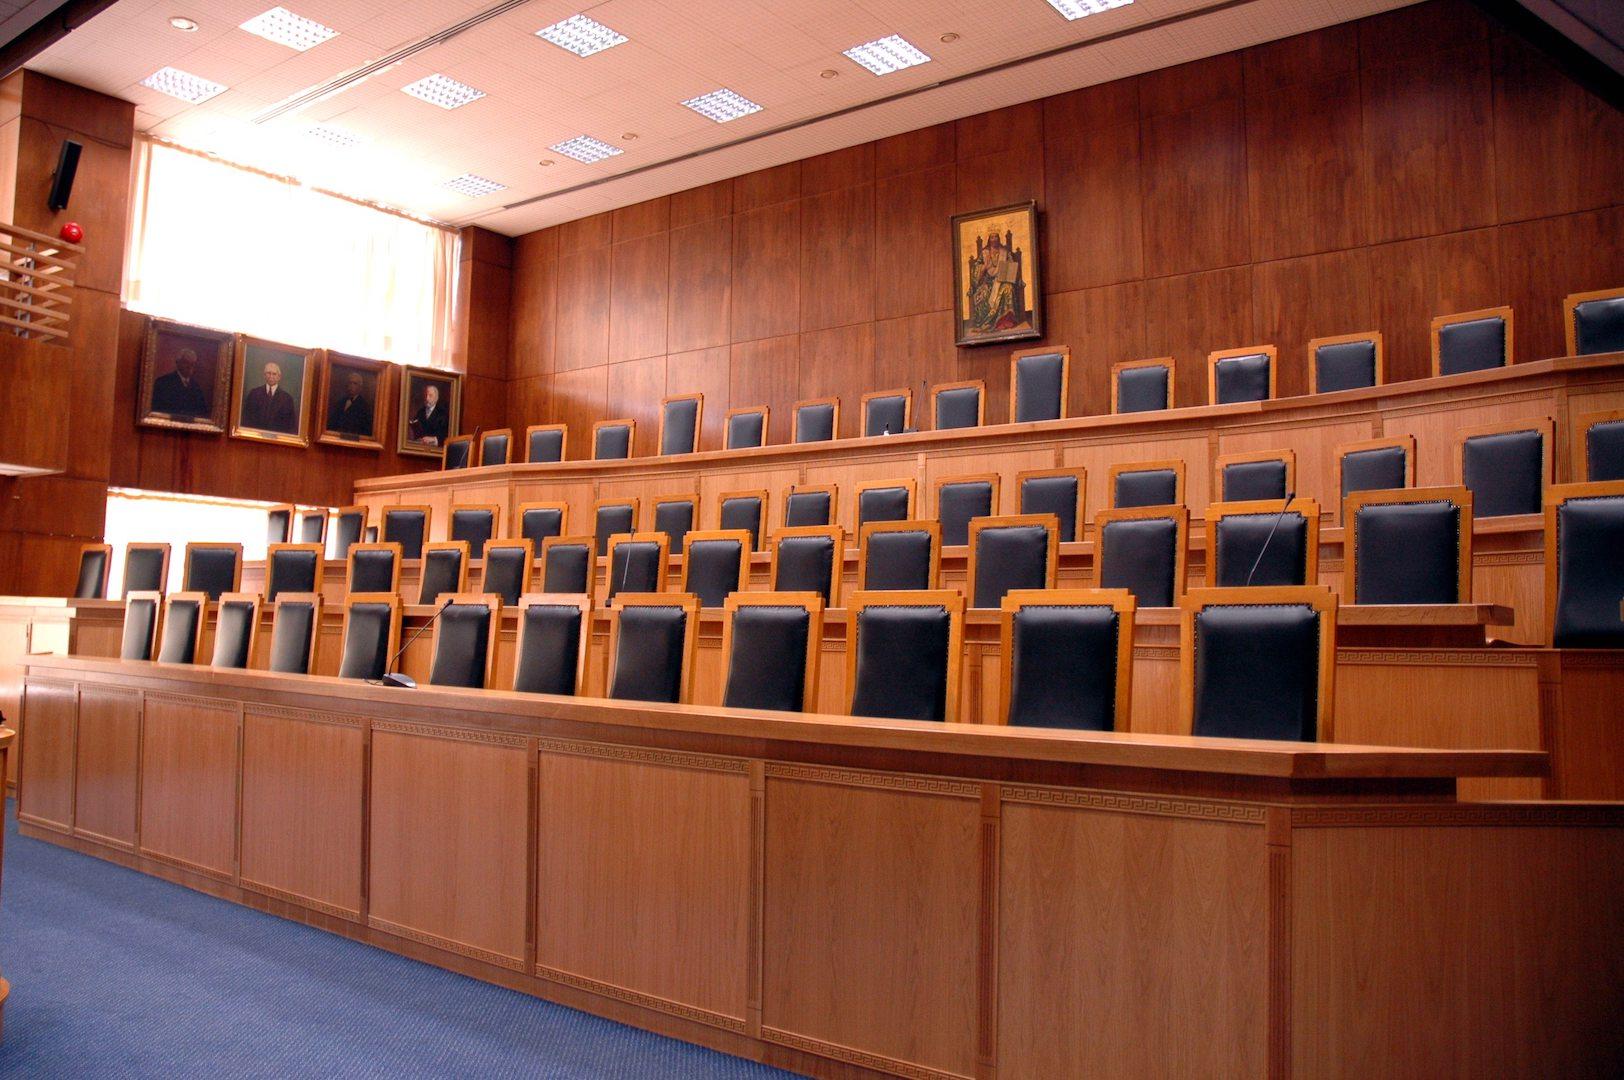 Ο Κώστας Δημ. Χρονόπουλος απορεί με ορισμένες καινοφανείς θεωρίες της κυβέρνησης σχετικά με το ρόλο που έχει η Δικαιοσύνη και τα κριτήρια που έχουν τα Δικαστήρια για τις αποφάσεις τους σε διάφορες υποθέσεις που ελκύουν το ενδιαφέρον της κοινής γνώμης. new deal